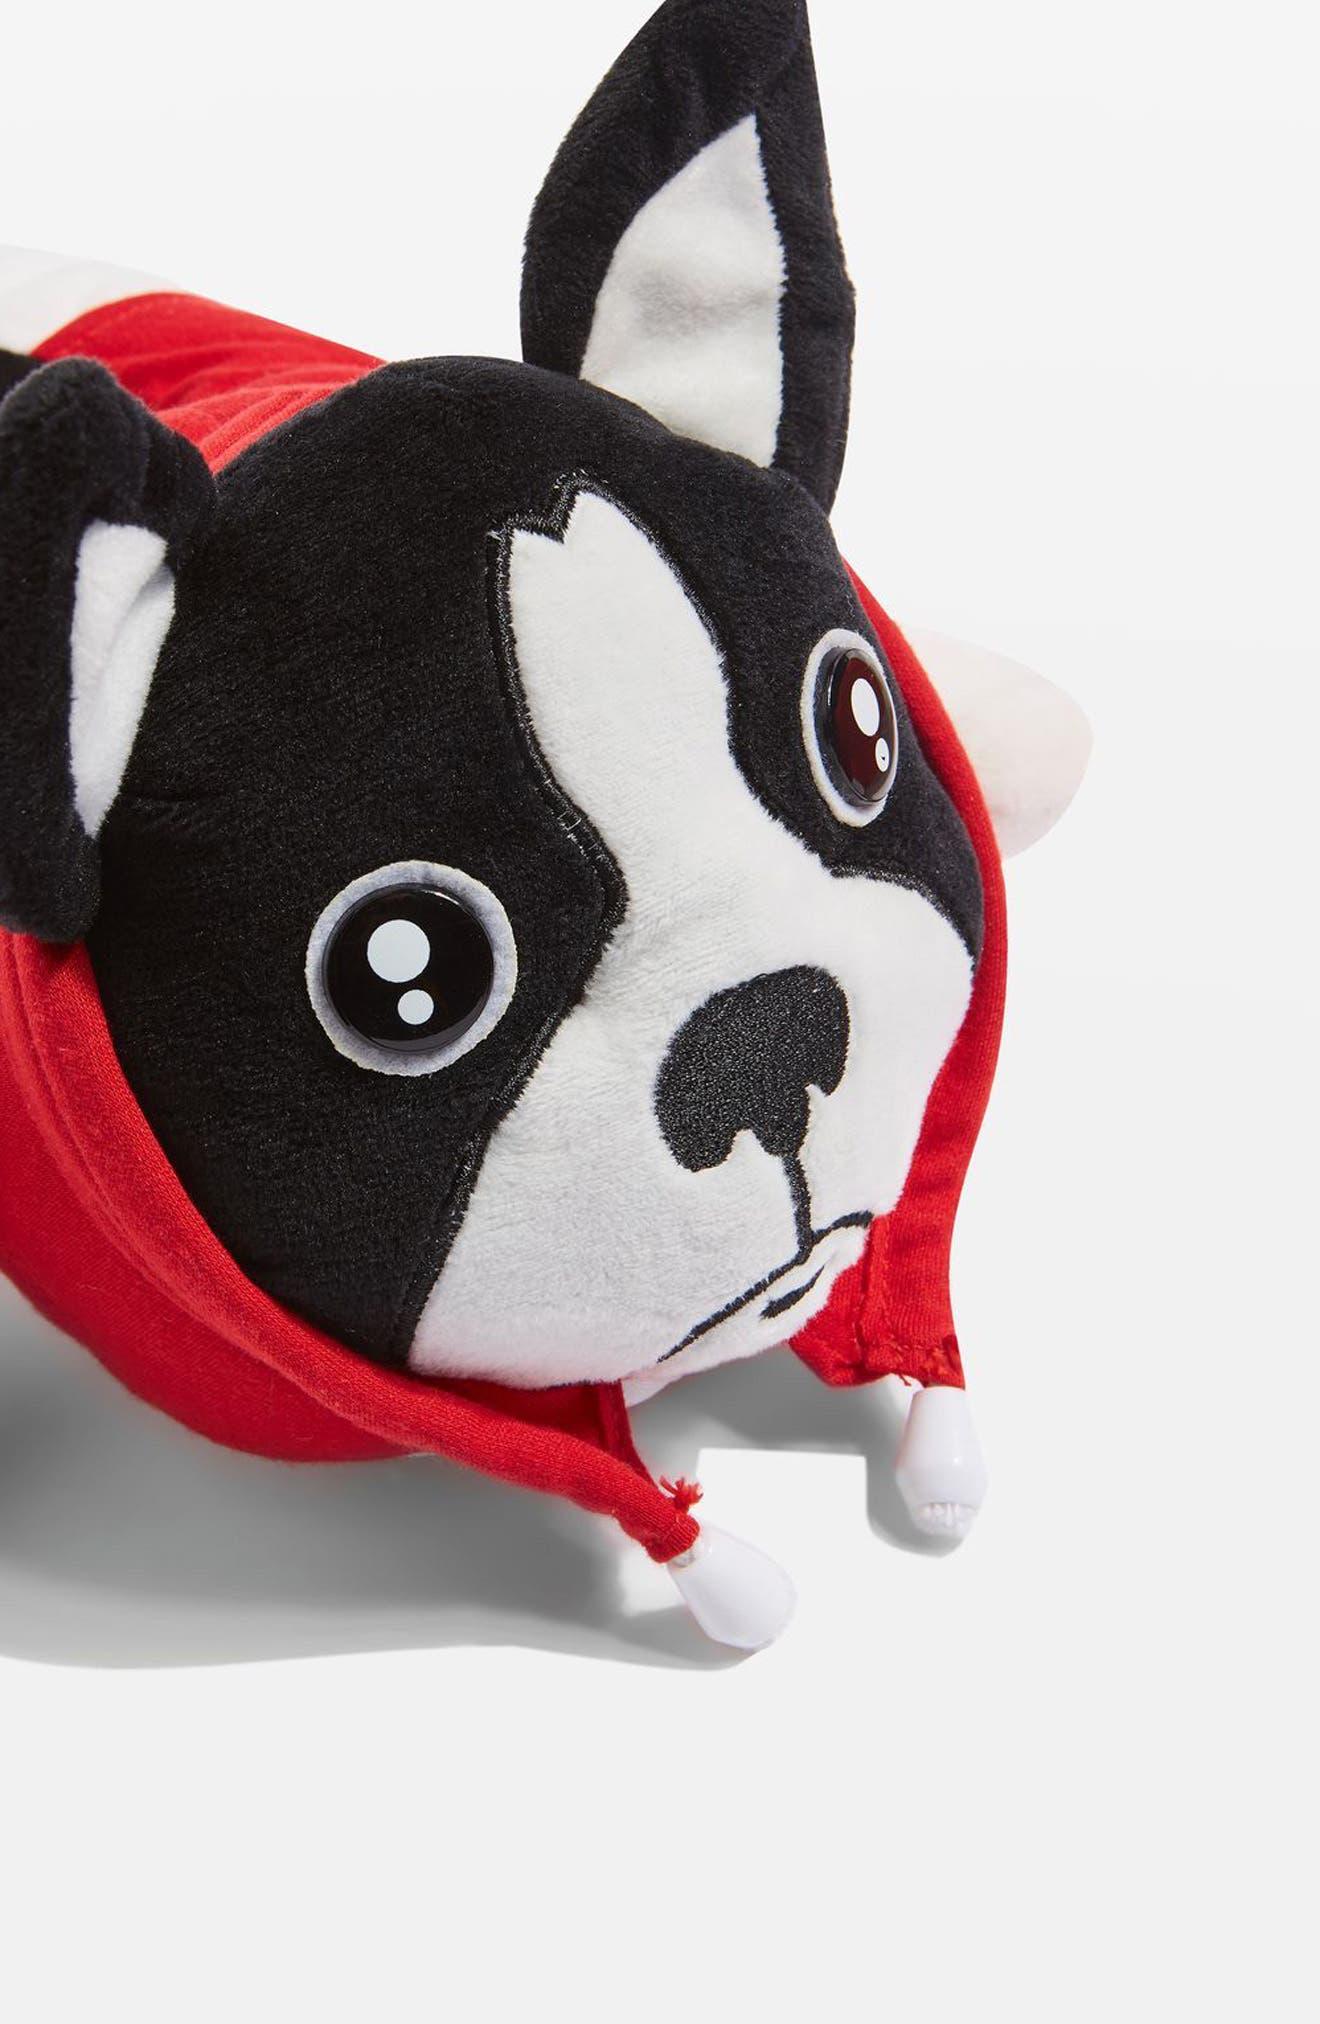 Monty Bulldog Slippers,                             Alternate thumbnail 3, color,                             Red Multi